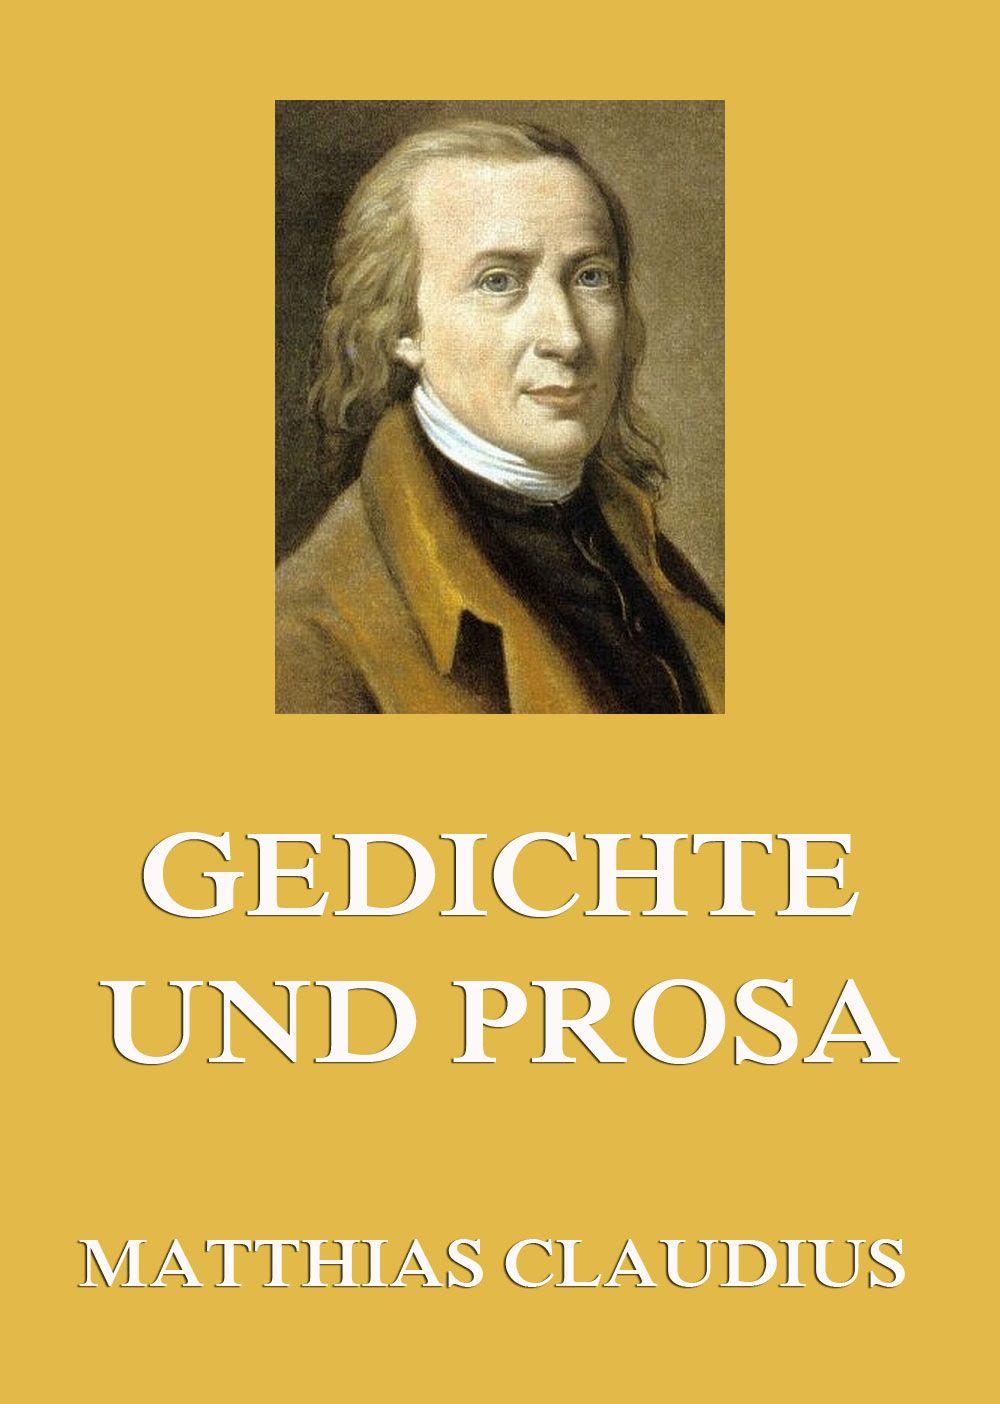 Matthias Claudius Gedichte